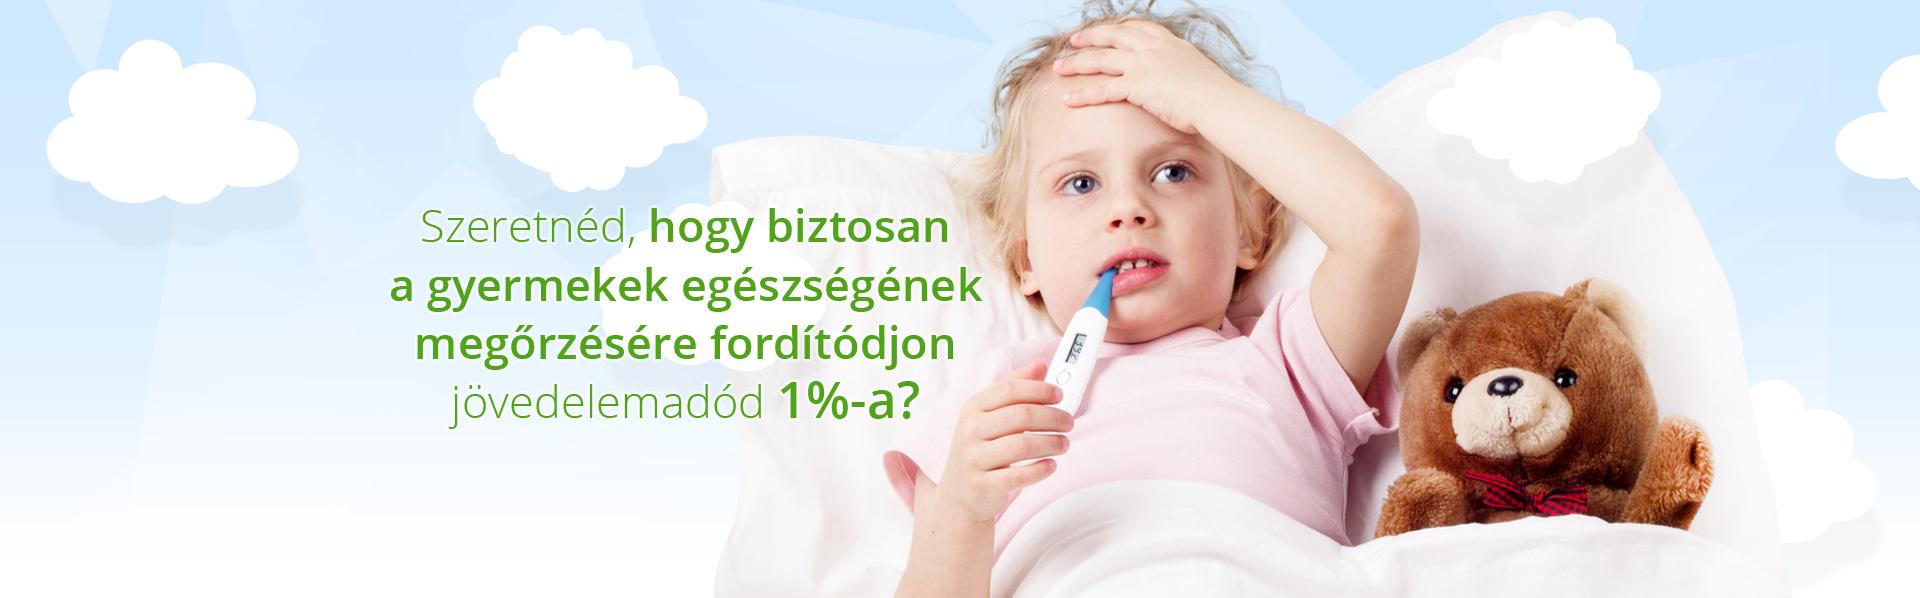 betegség megelőzés, gyermekegészségügy, tanácsadás, egészség megőrzés, védőnők, védőnői szolgálatok, támogatás, gyógyítás, gondoskodás, segítség, gyermekeinkért alapítvány